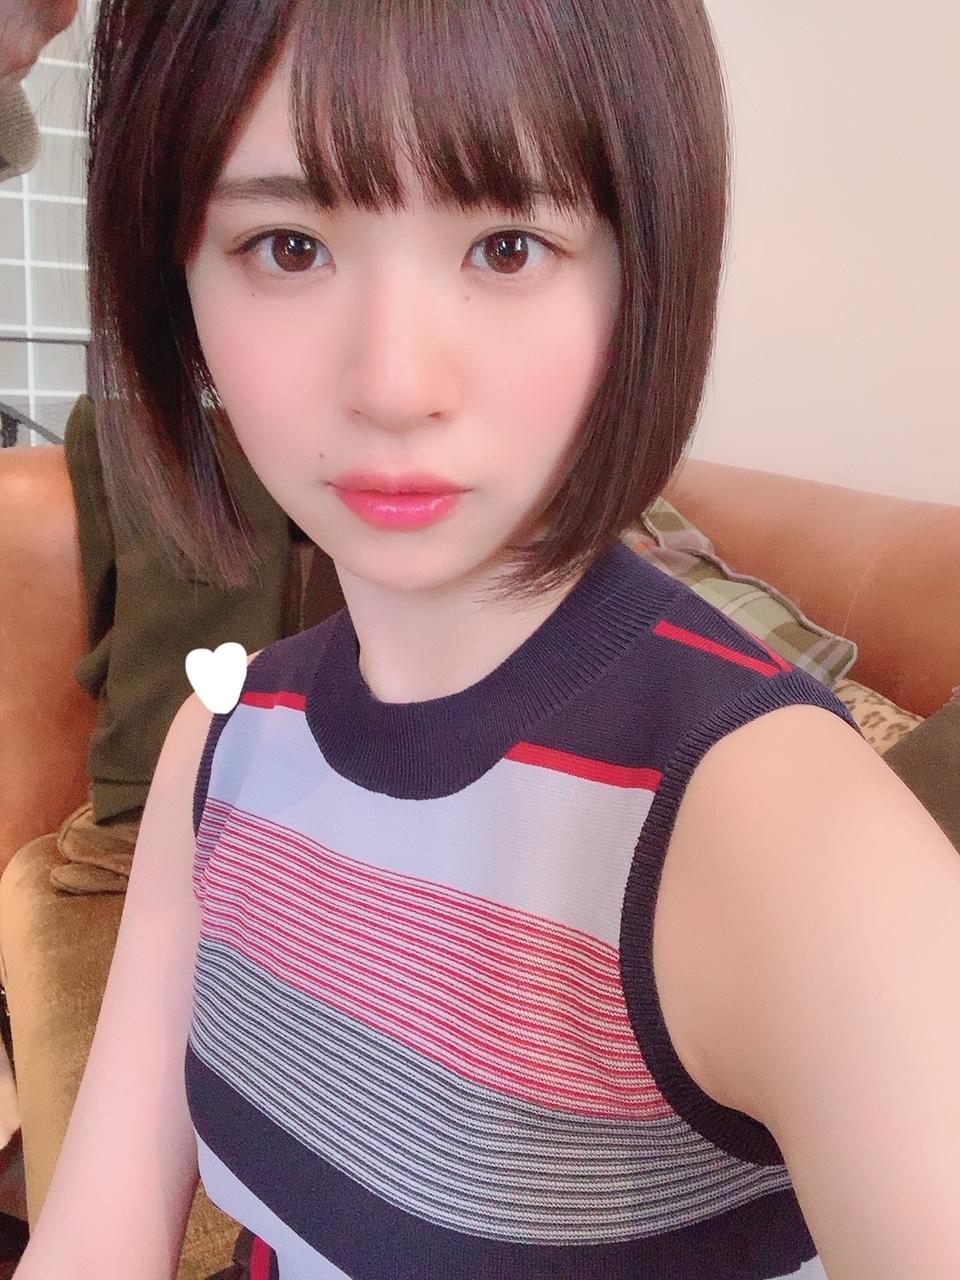 【キュン】日向坂46★447 【本スレ】 YouTube動画>3本 ->画像>193枚